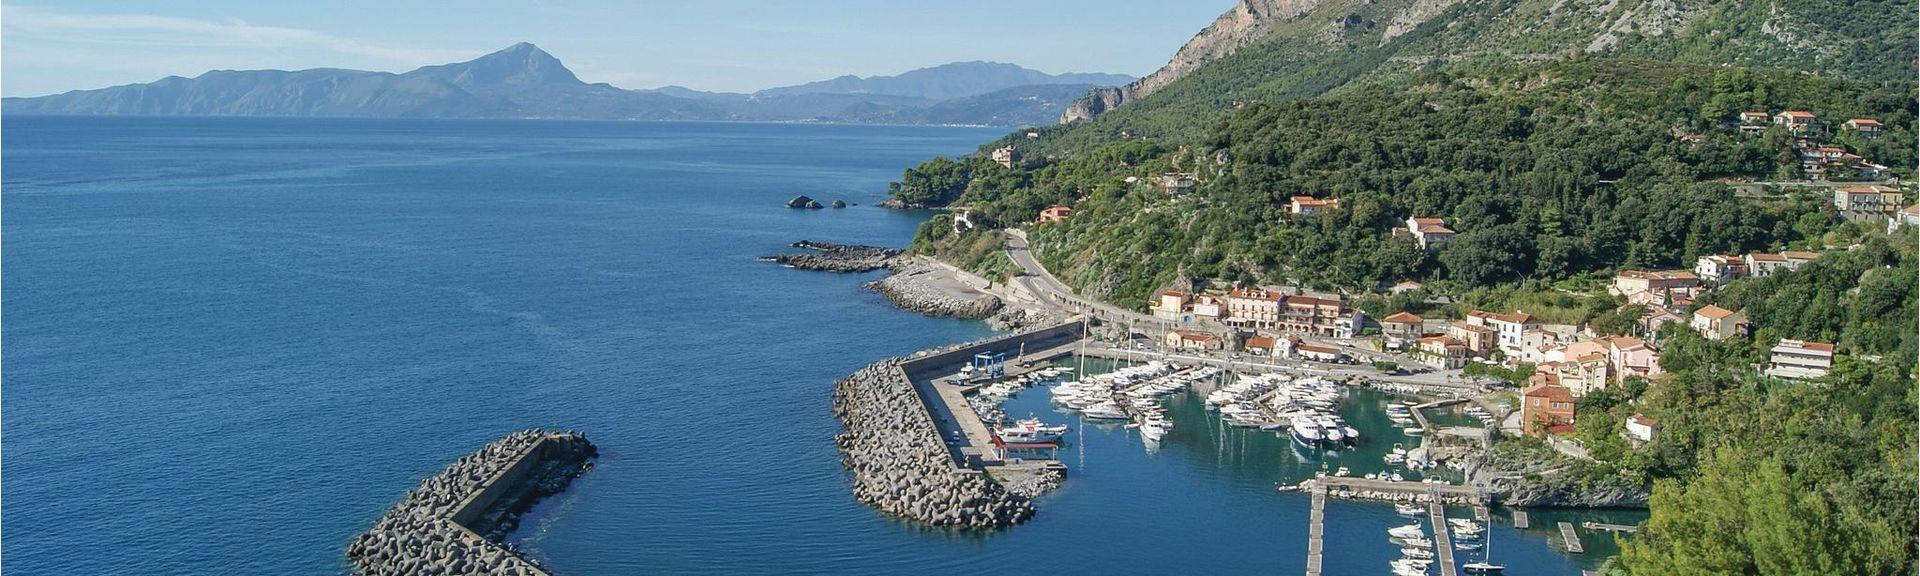 Villammare, Salerno, Campania, Italy